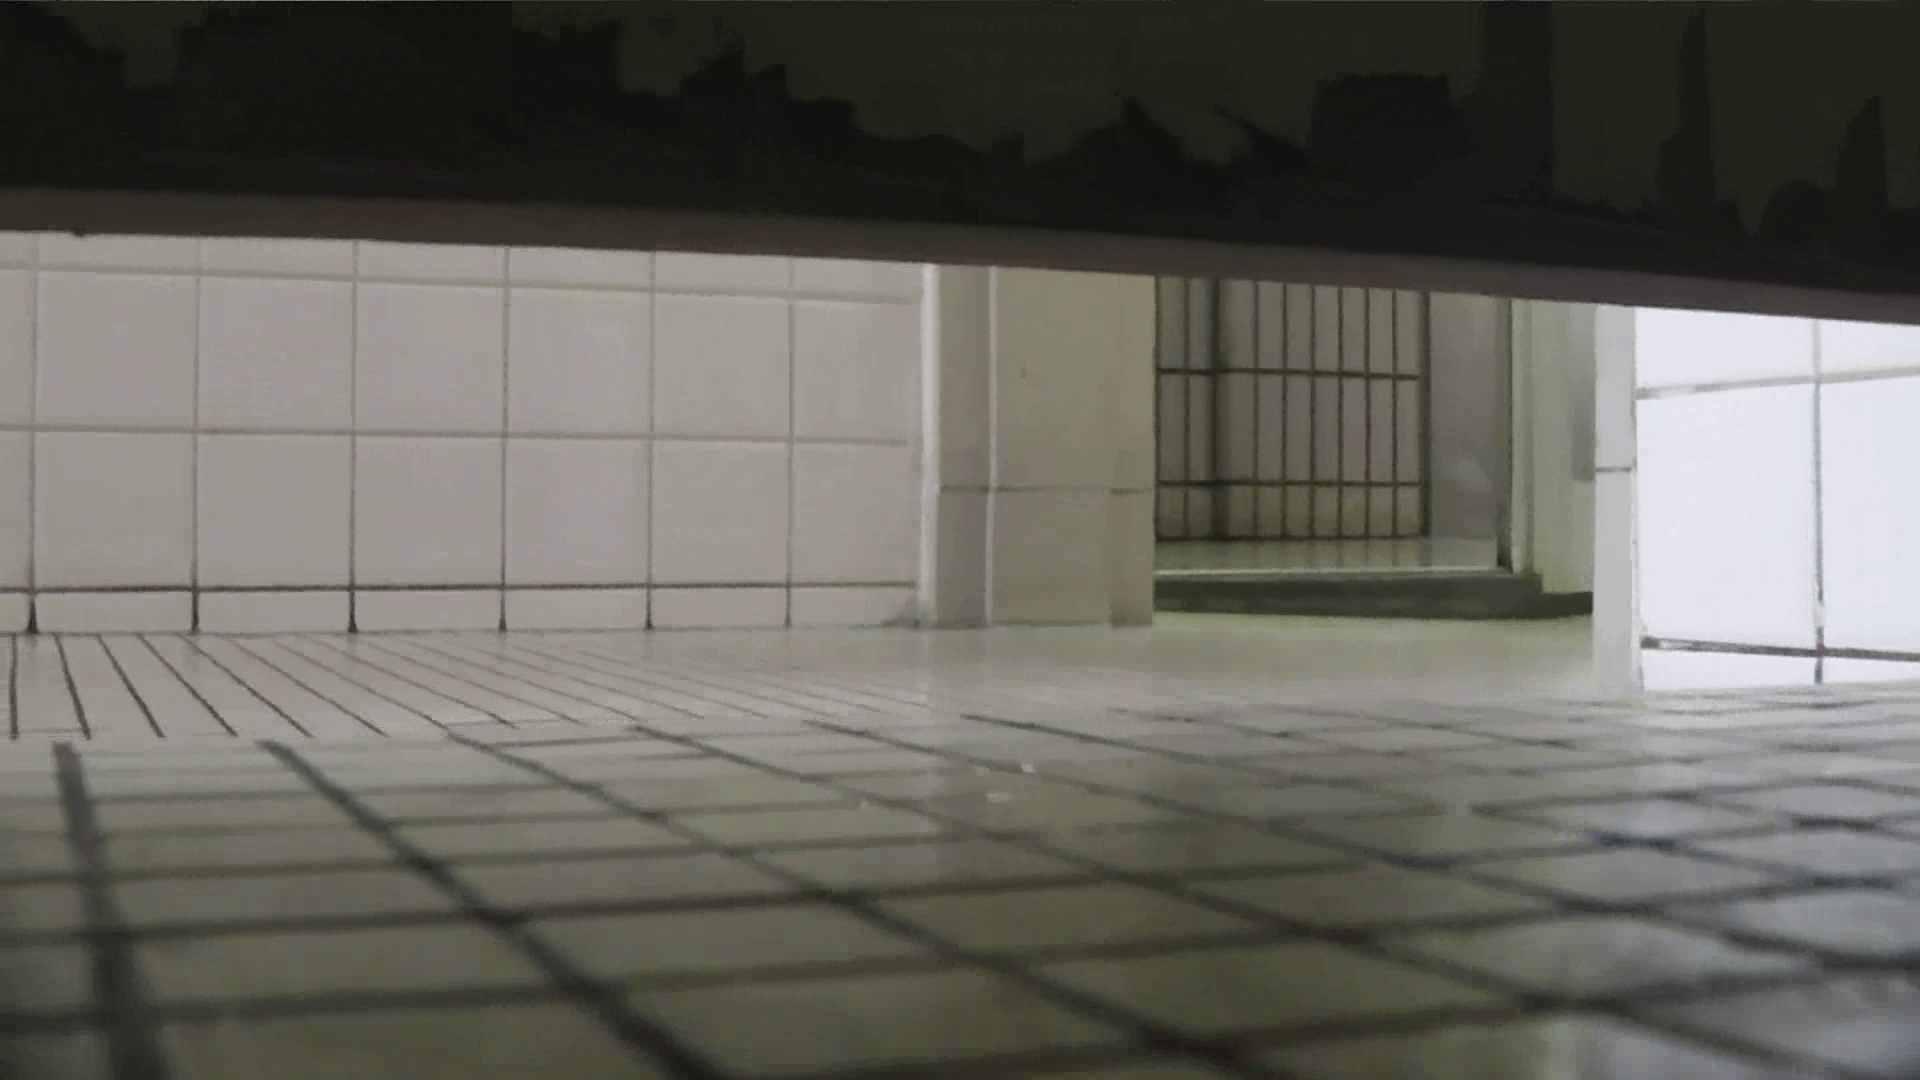 【美しき個室な世界】 vol.025 メガネ属性ヾ(´∀`)ノ 高画質 濡れ場動画紹介 84画像 80